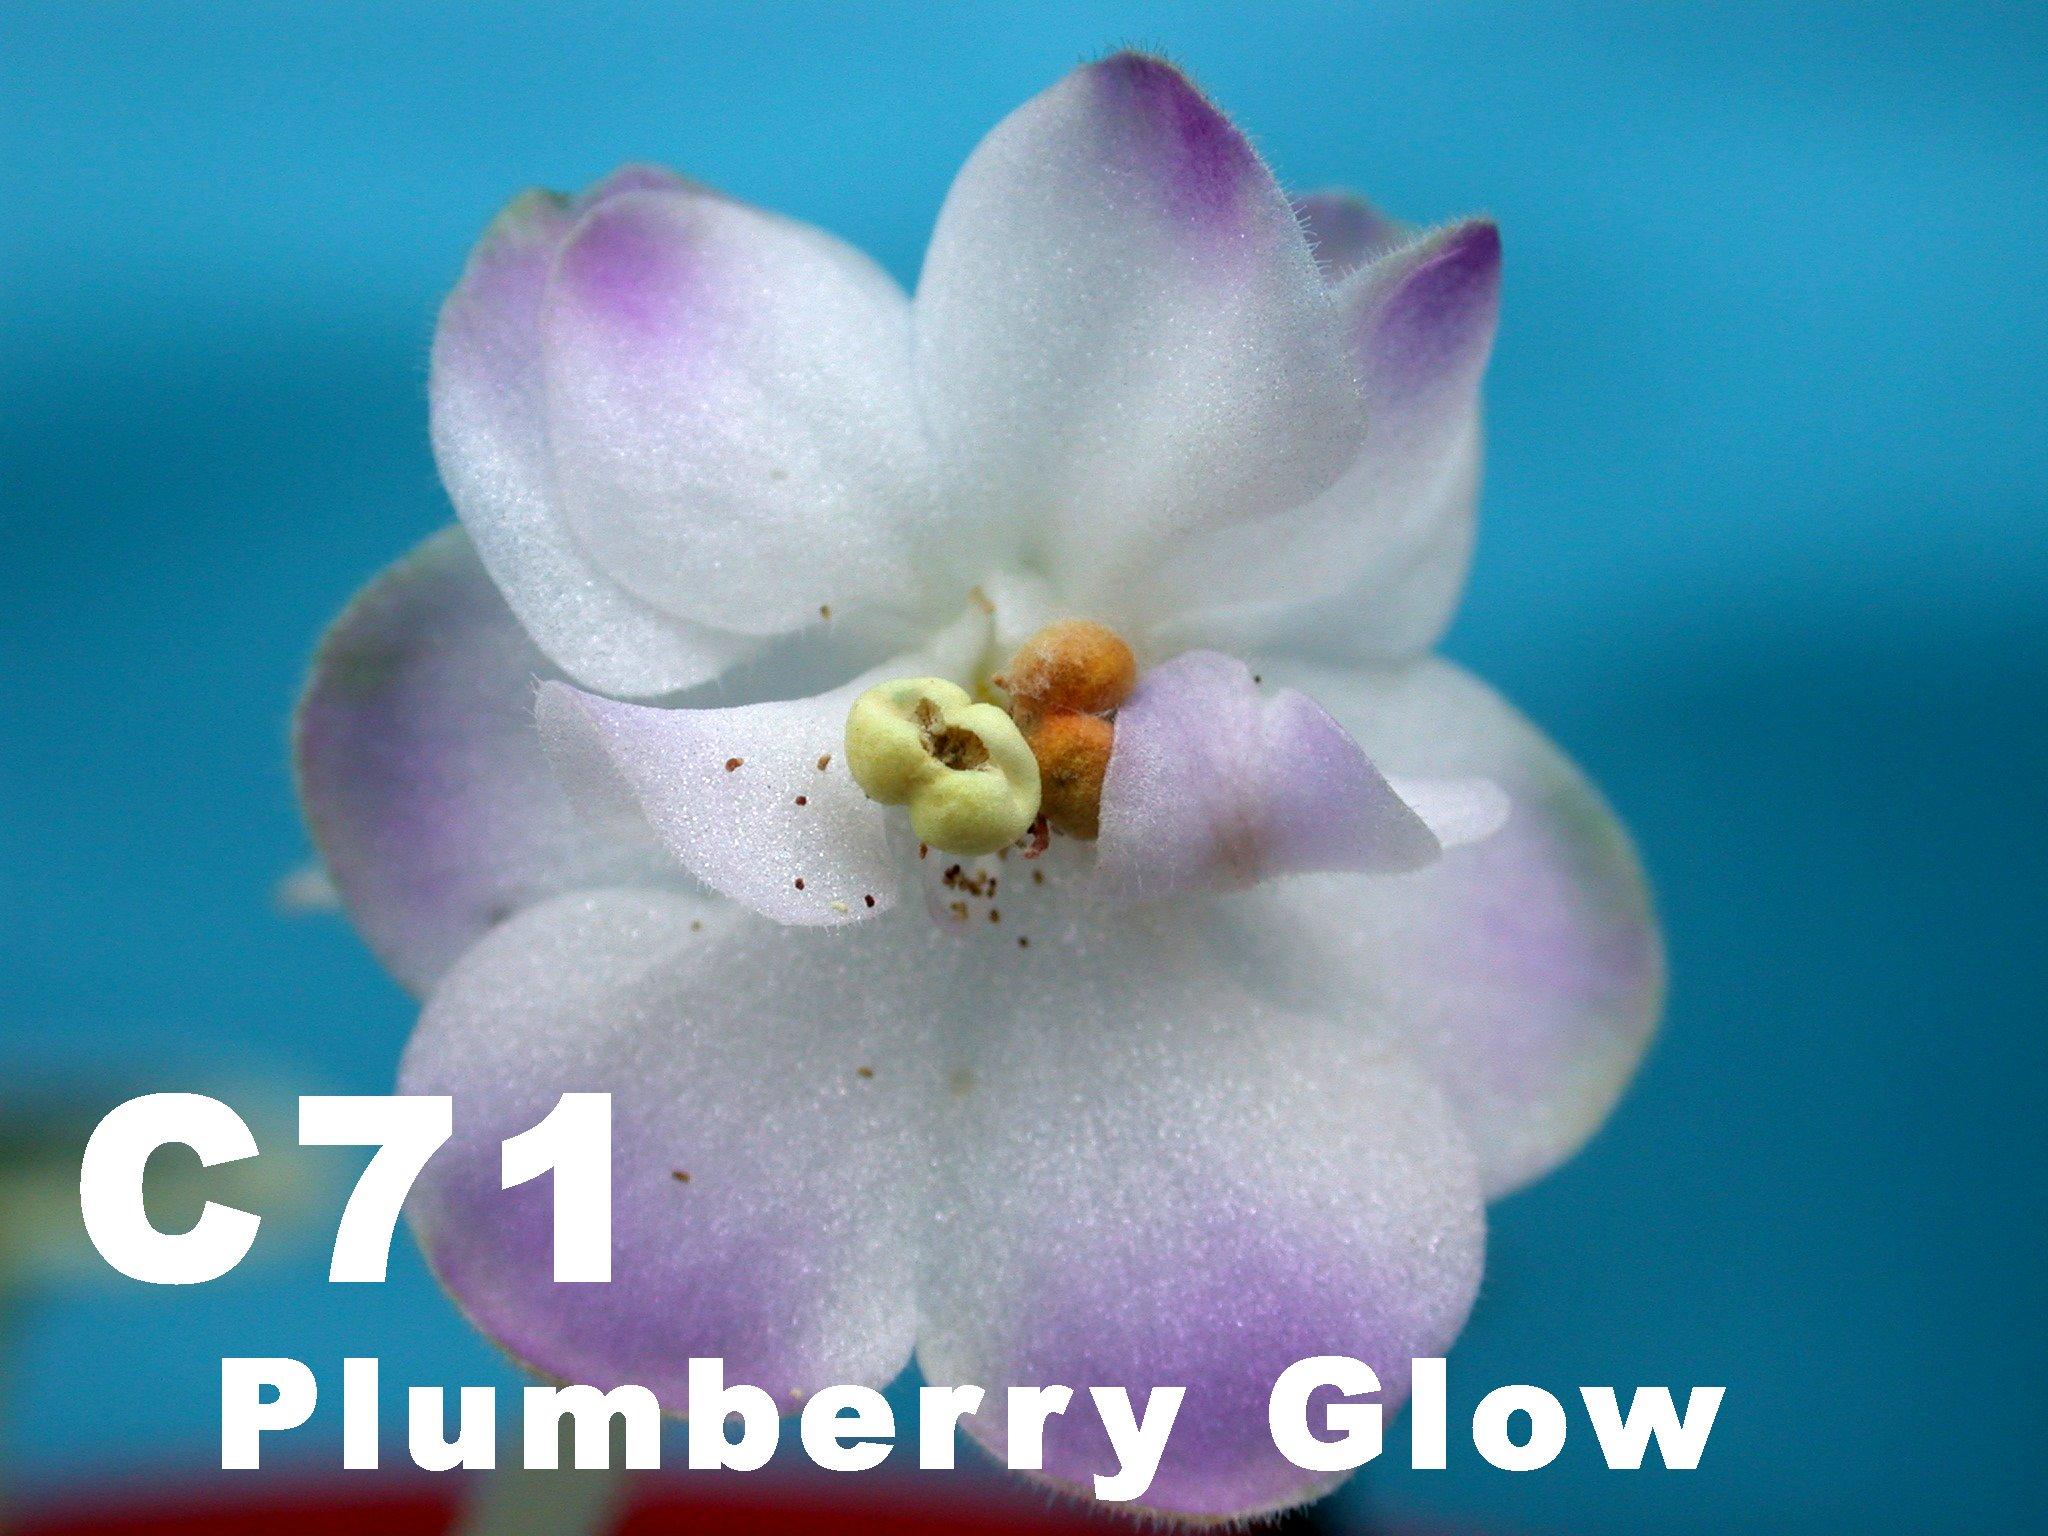 [C71] Plumberry Glow C71